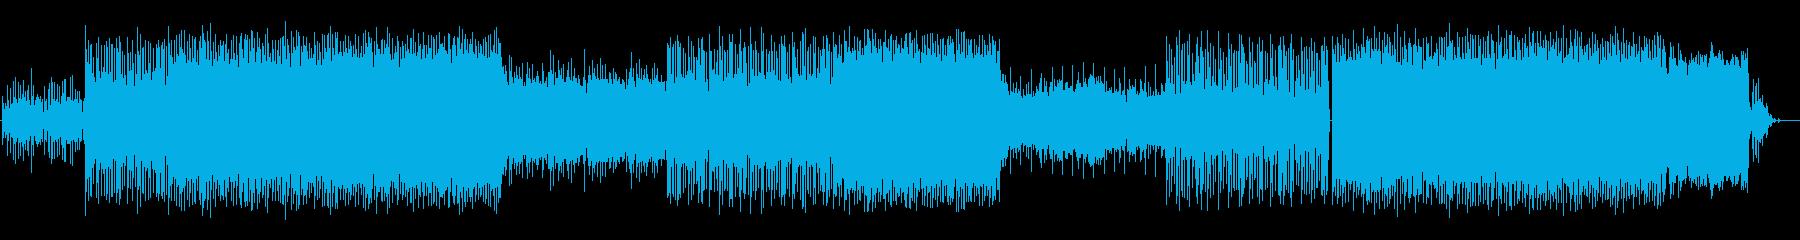 エモ感のあるローファイヒップホップの再生済みの波形